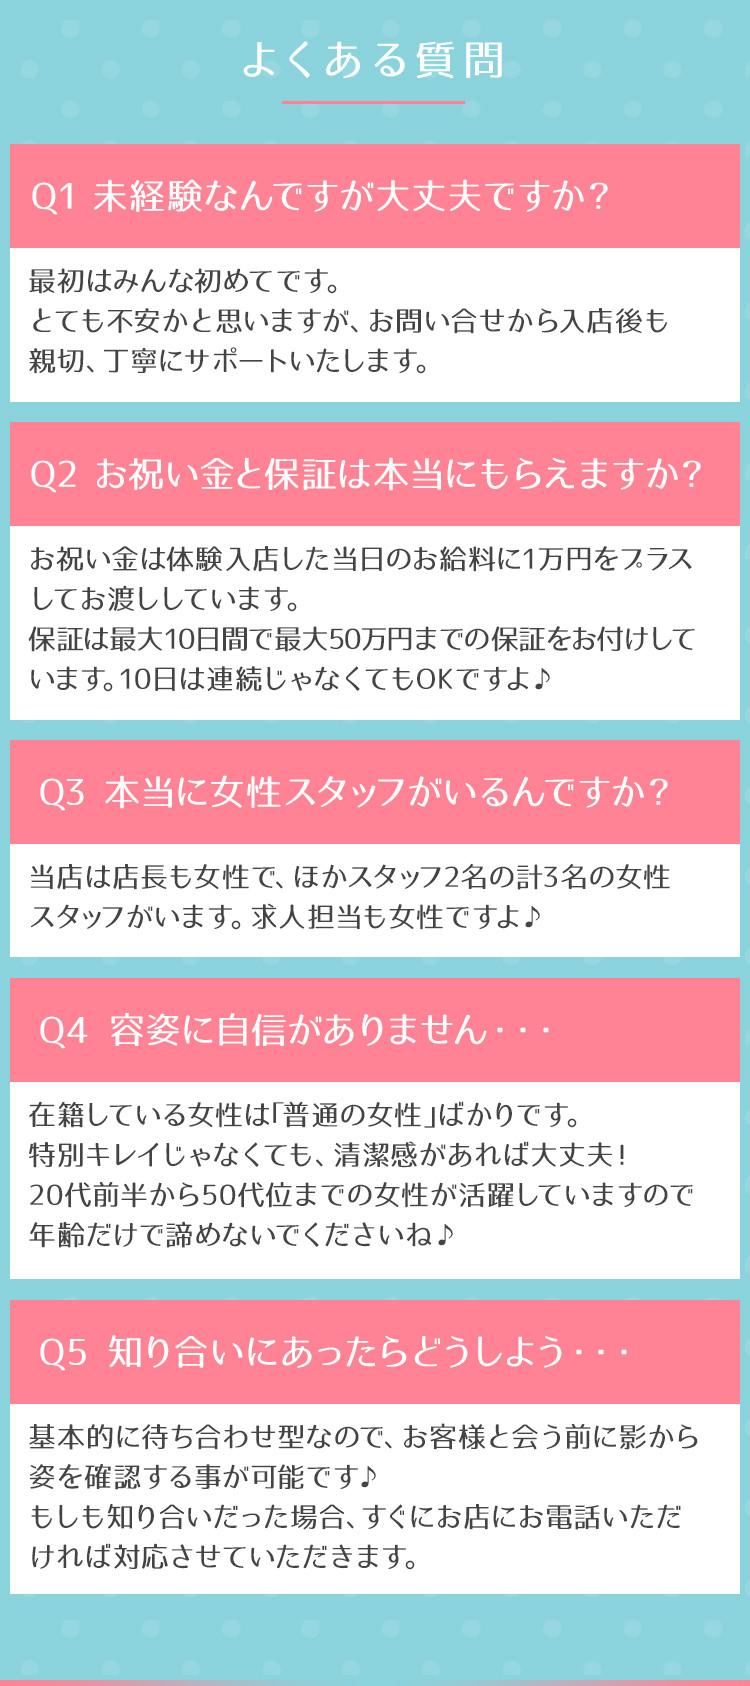 200701_shiro_sec11.jpg